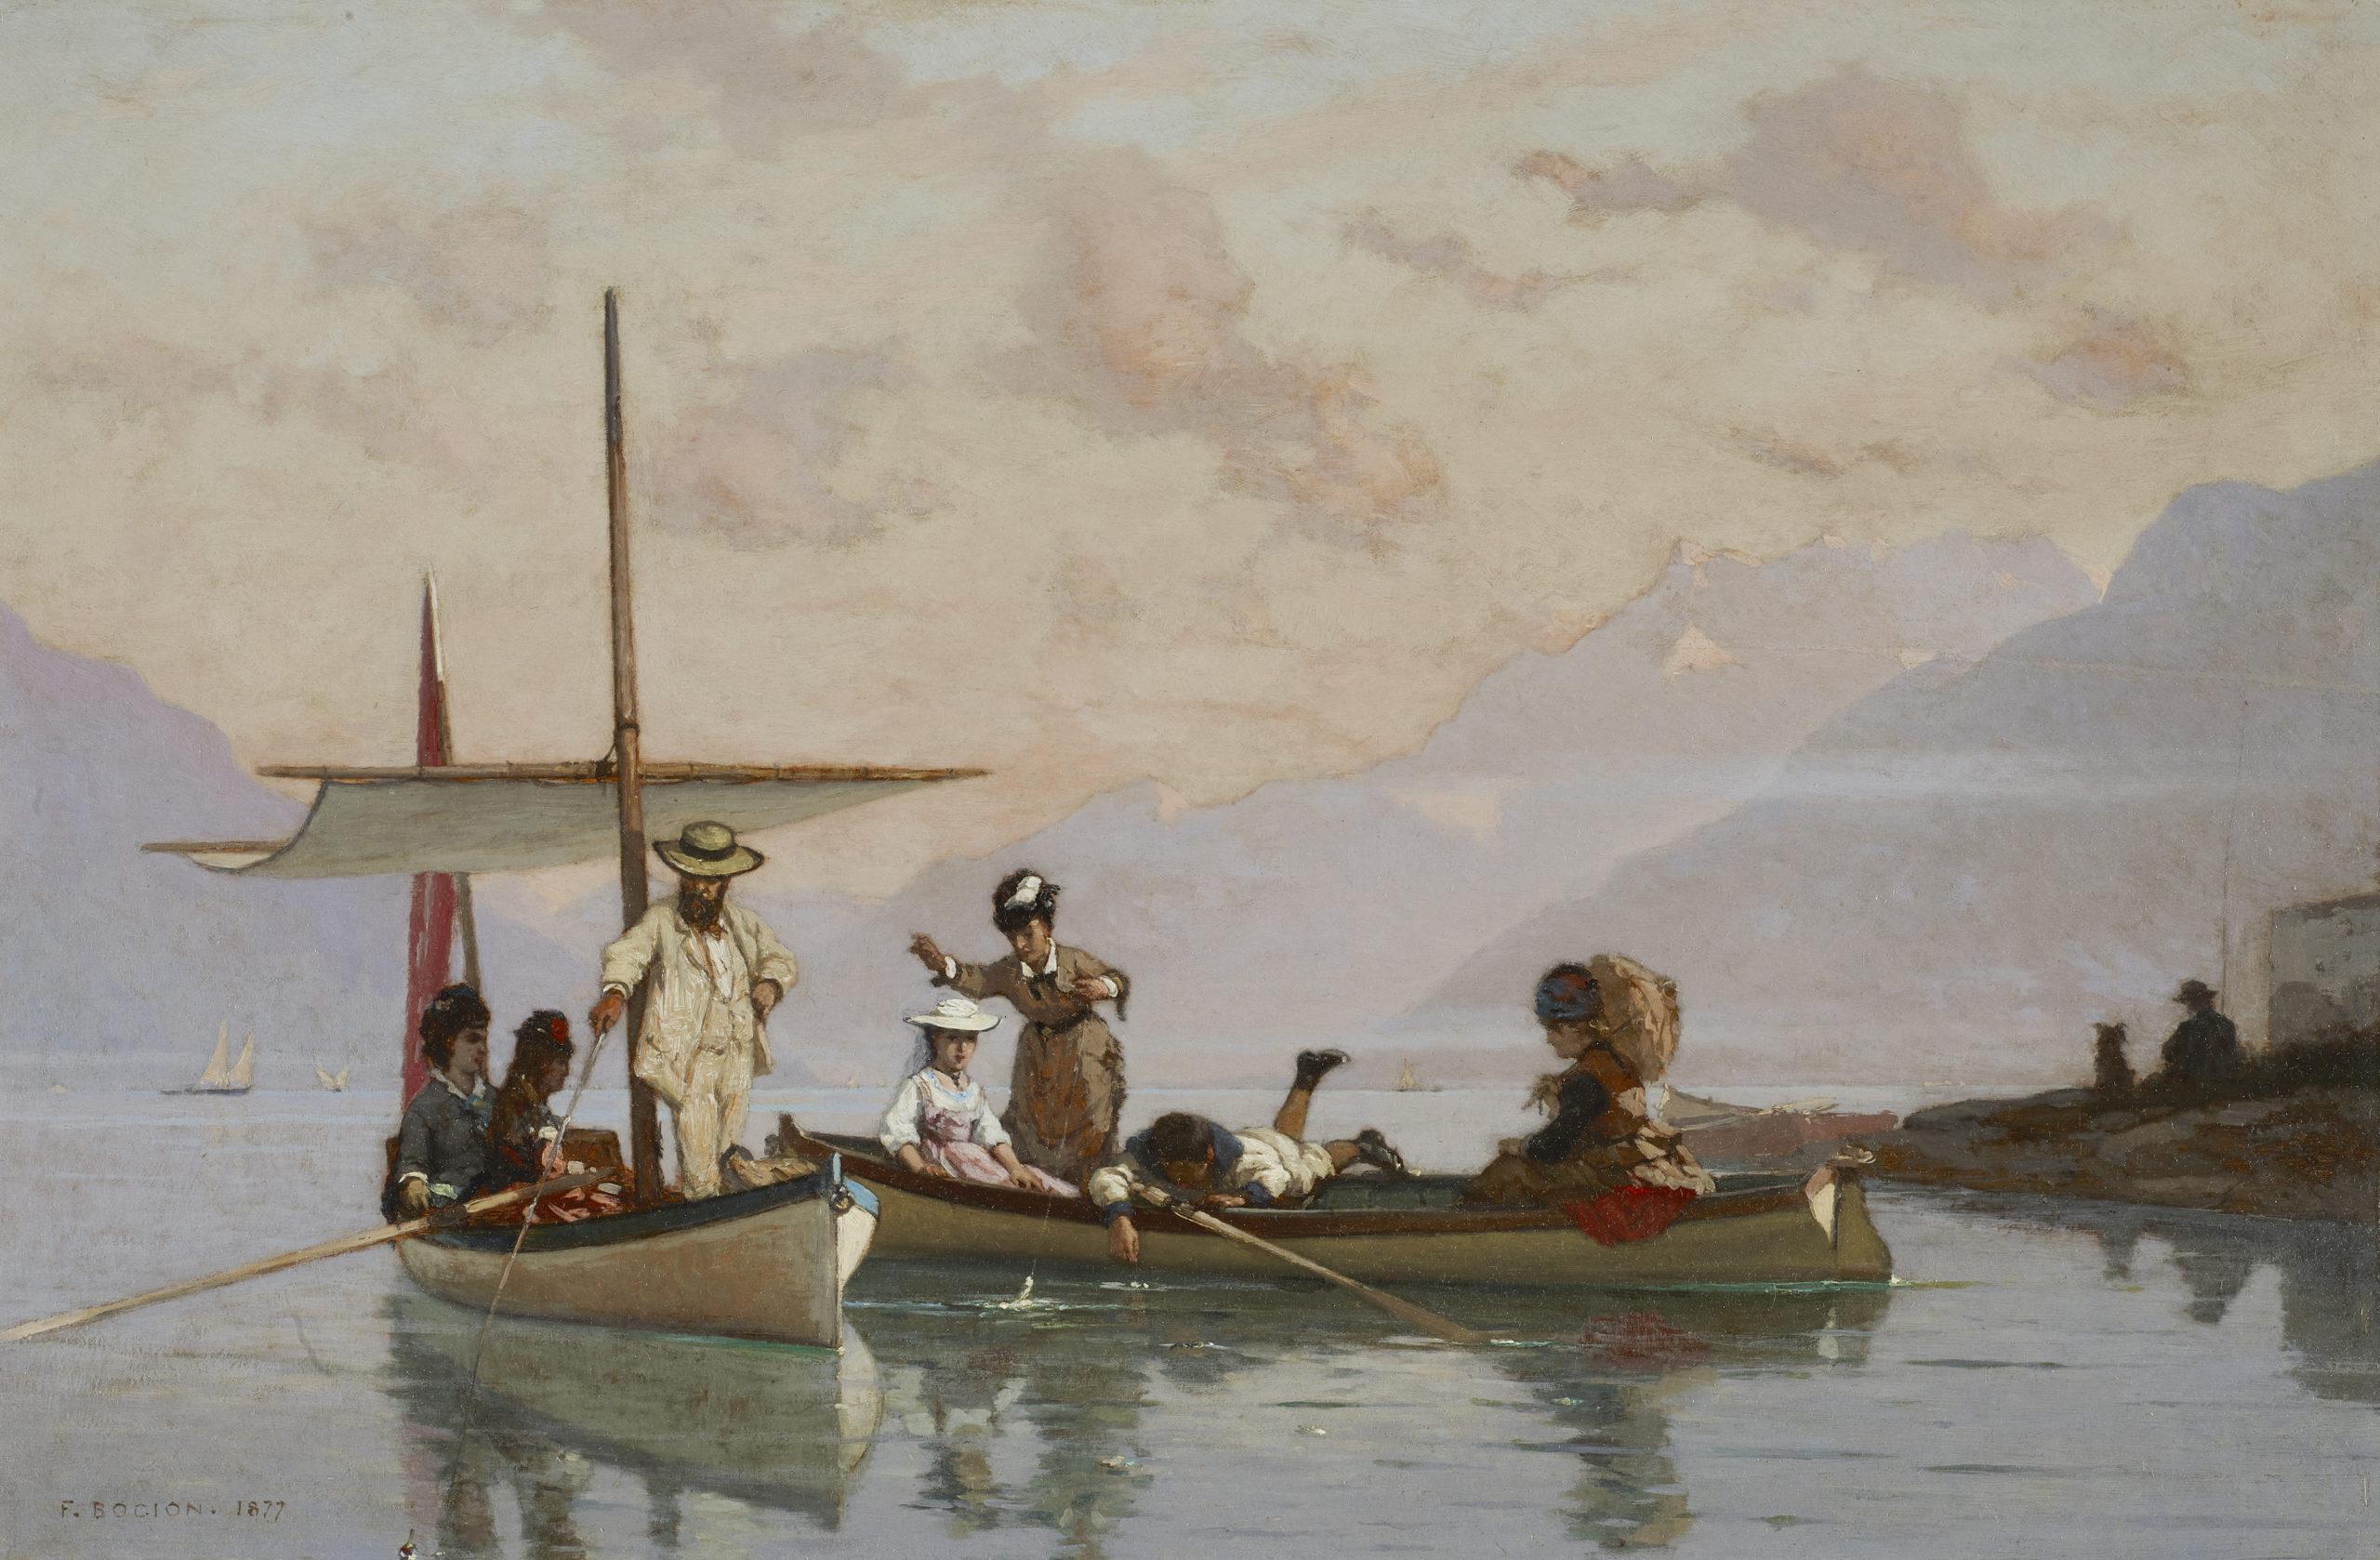 François Bocion (Lausanne, 1828 - 1890) Bocion et sa famille à la pêche, 1877 © Musée cantonal des Beaux-Arts de Lausanne